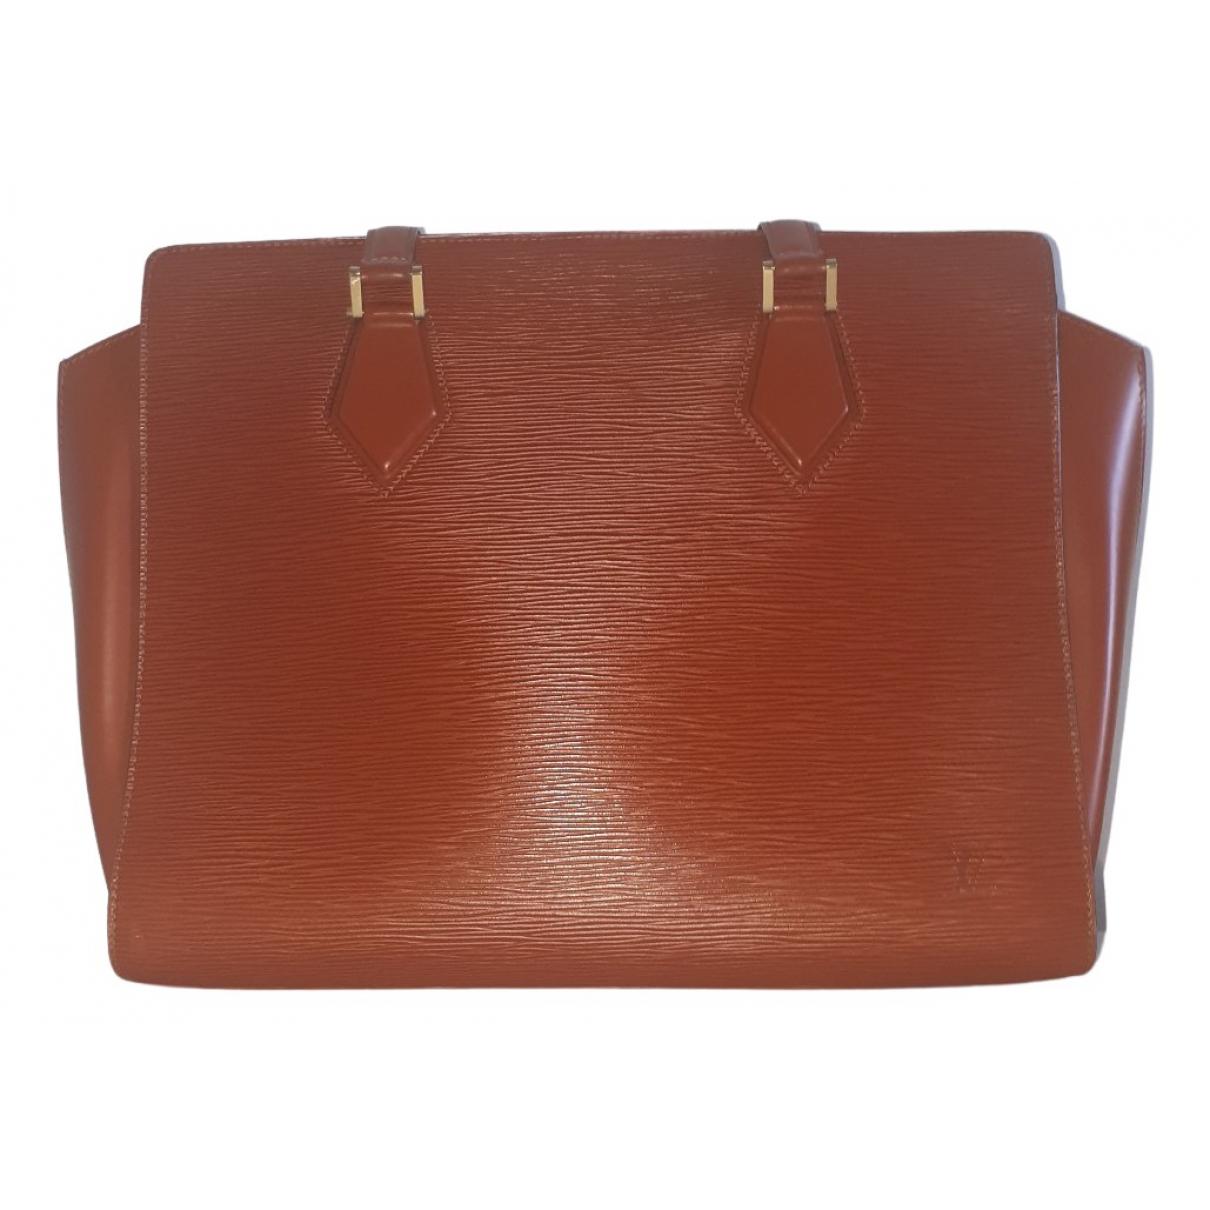 Louis Vuitton Voltaire Camel Leather handbag for Women \N